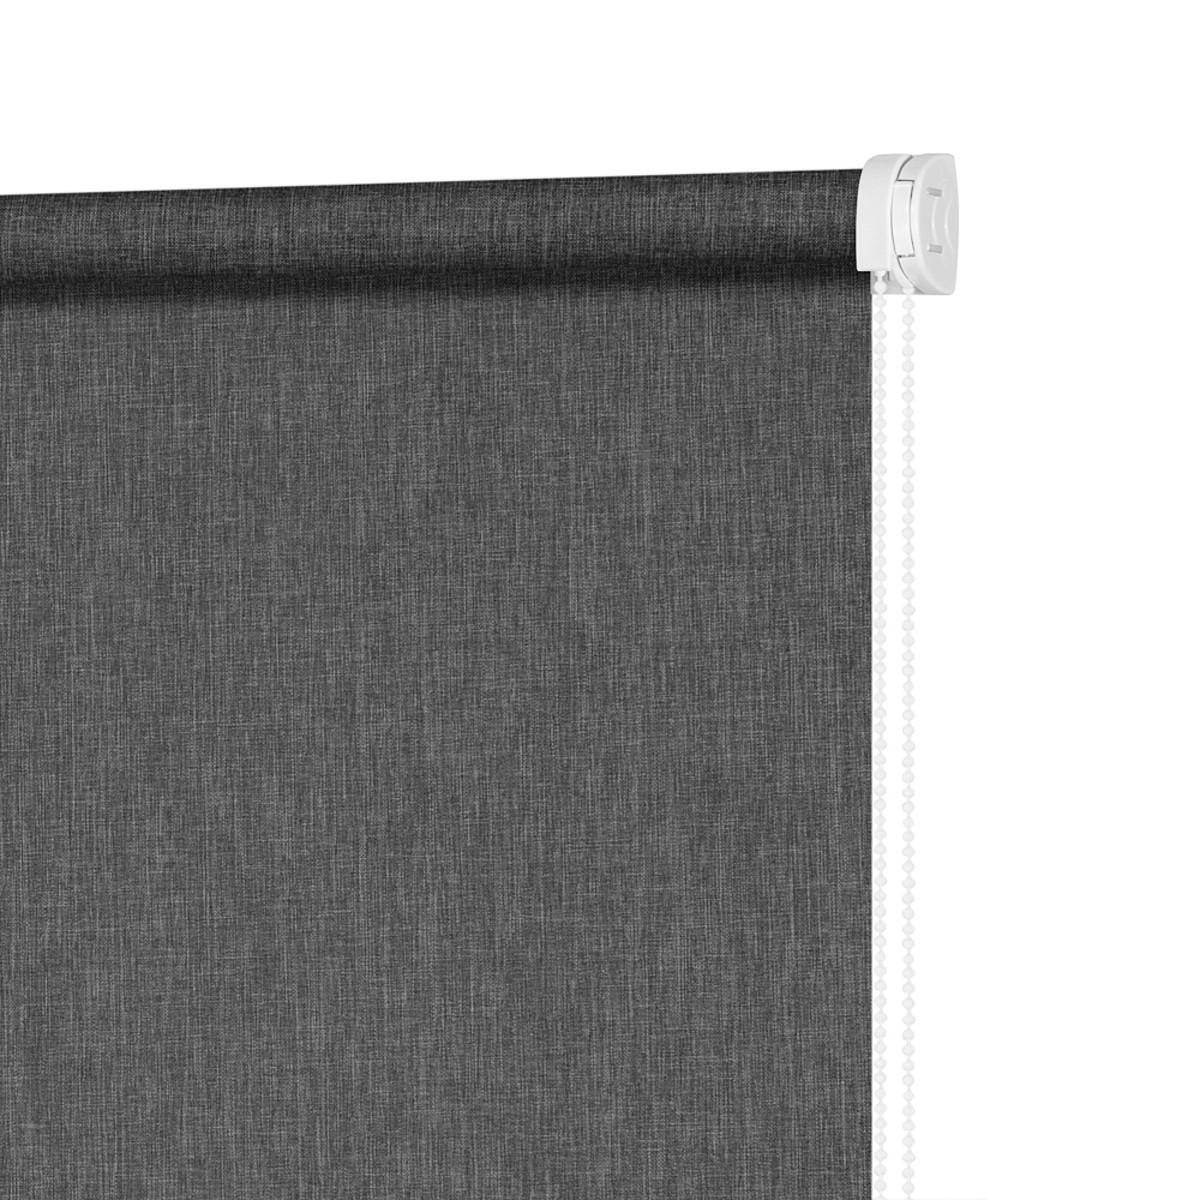 Рулонная Ора Decofest Меланж 140Х175 Цвет Серый